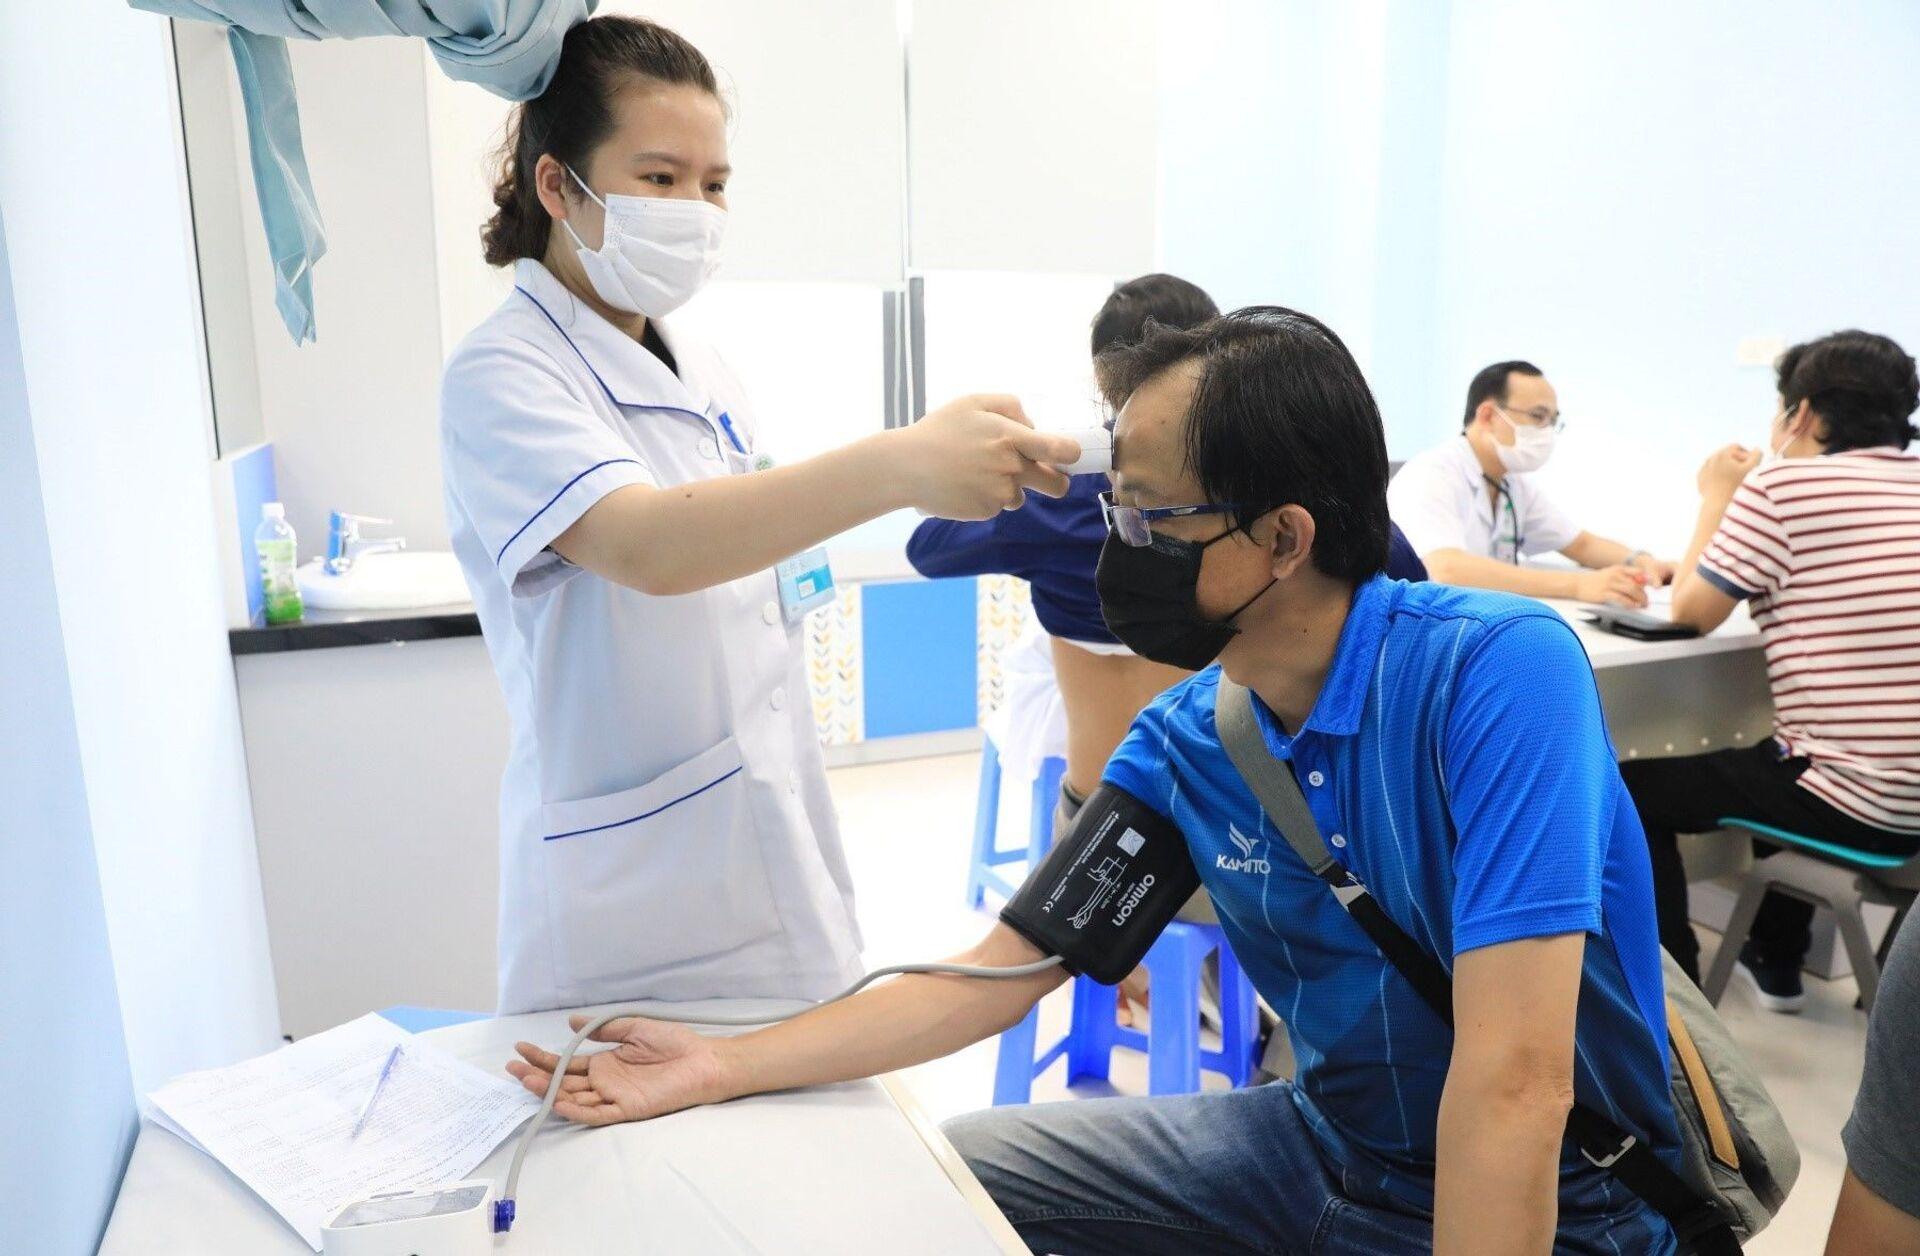 Chuyên gia y tế Việt Nam lý giải vì sao người trẻ cũng không thể chủ quan với Covid-19 - Sputnik Việt Nam, 1920, 19.05.2021